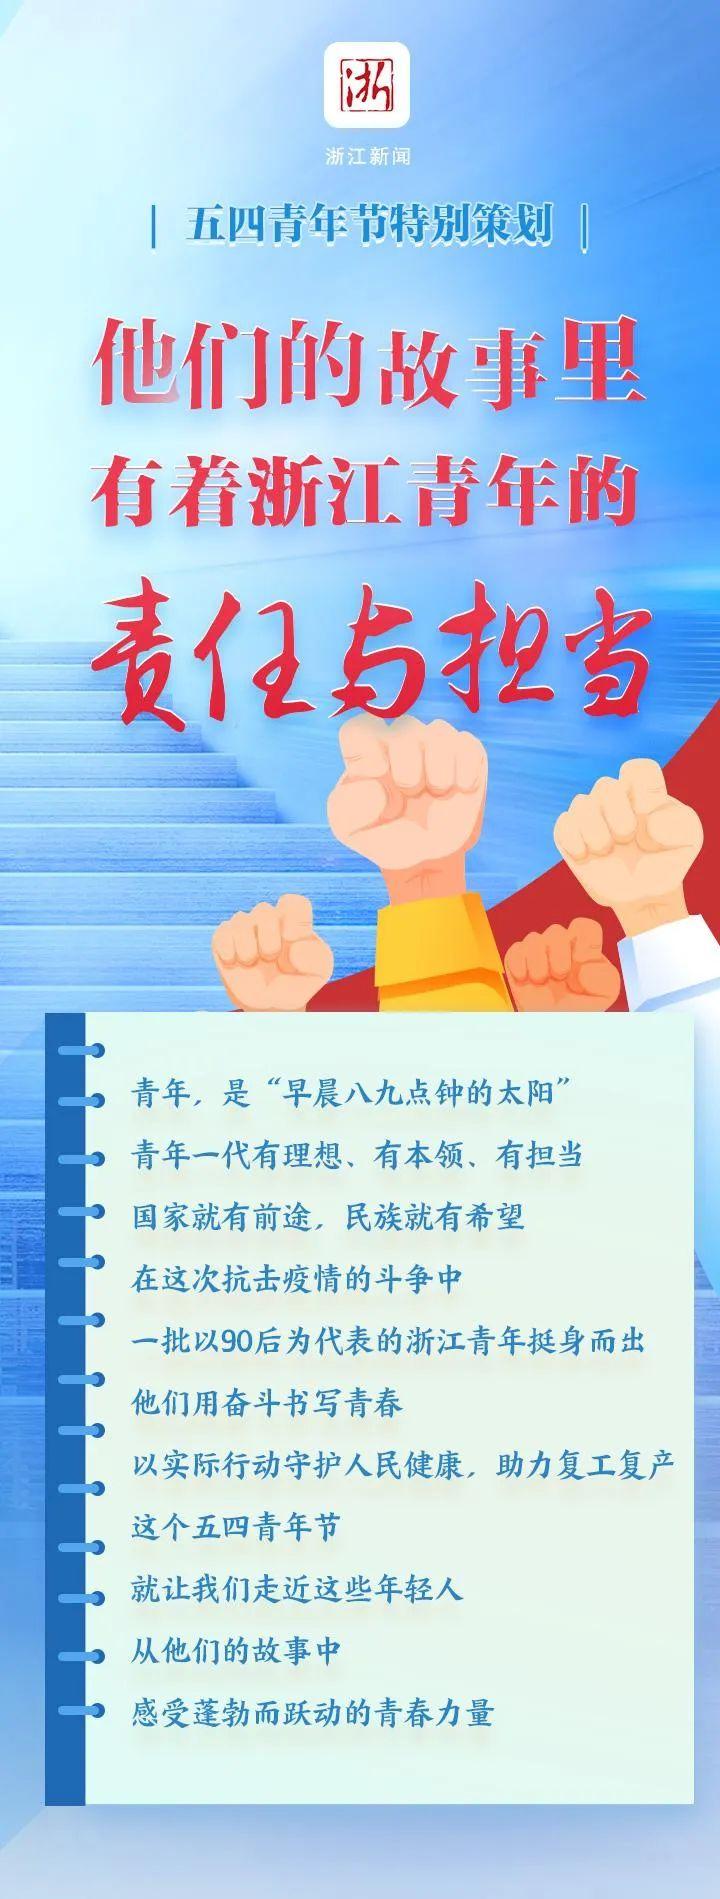 「杏悦注册」浙江青年的责任与担当杏悦注册图片